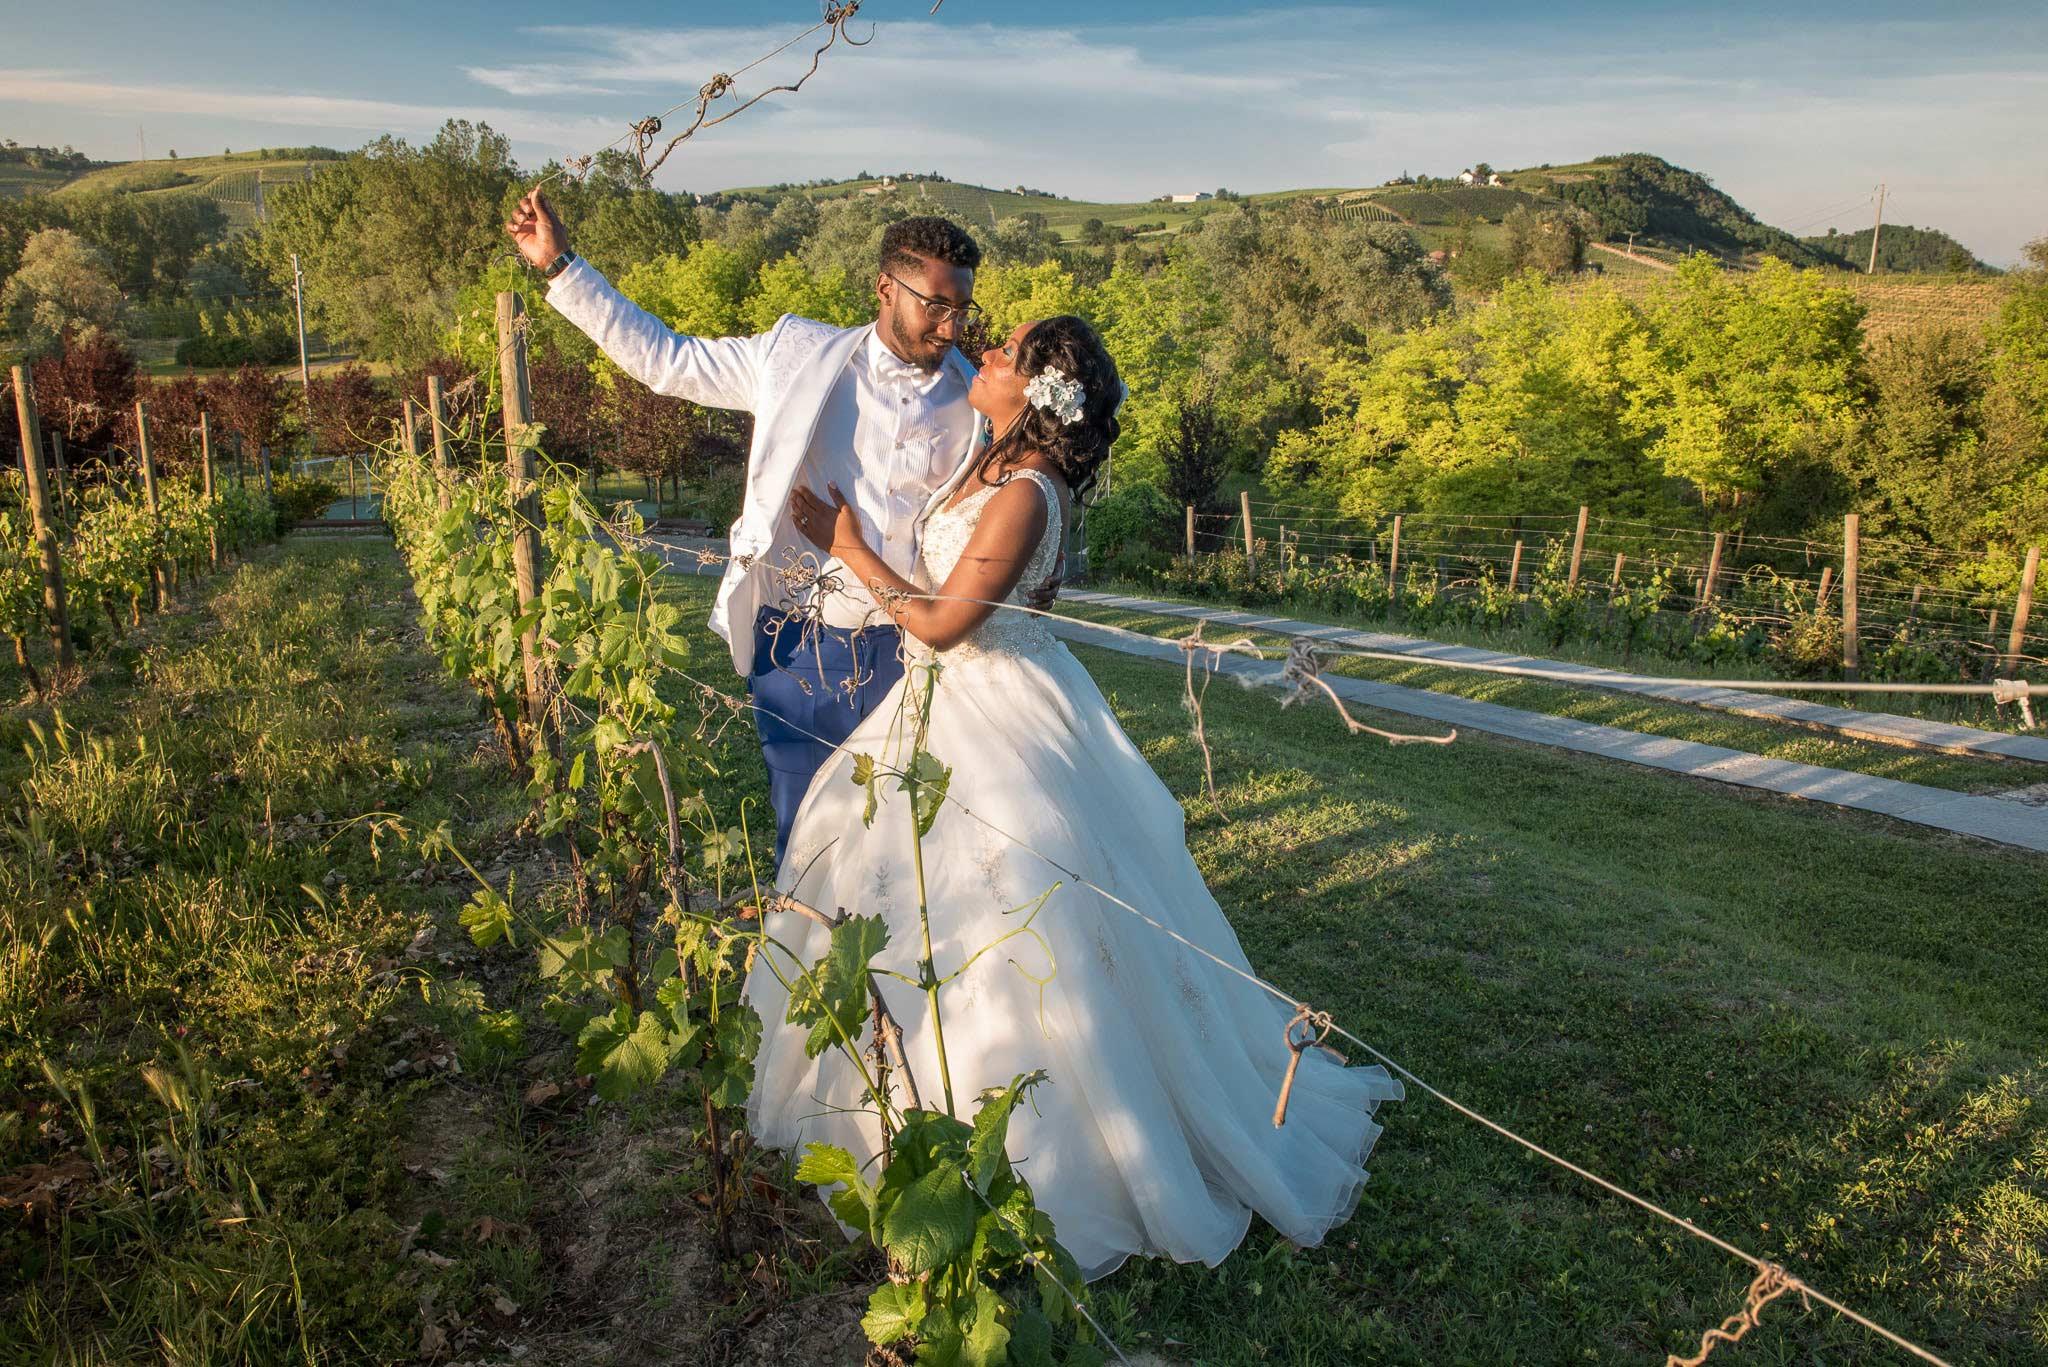 Matrimonio Nel Monferrato Dionne Dale - Wdding Matrimono Emanuele Tibaldi Fotografo 35 - Matrimonio-in-vigna - Matrimonio-in-vigna